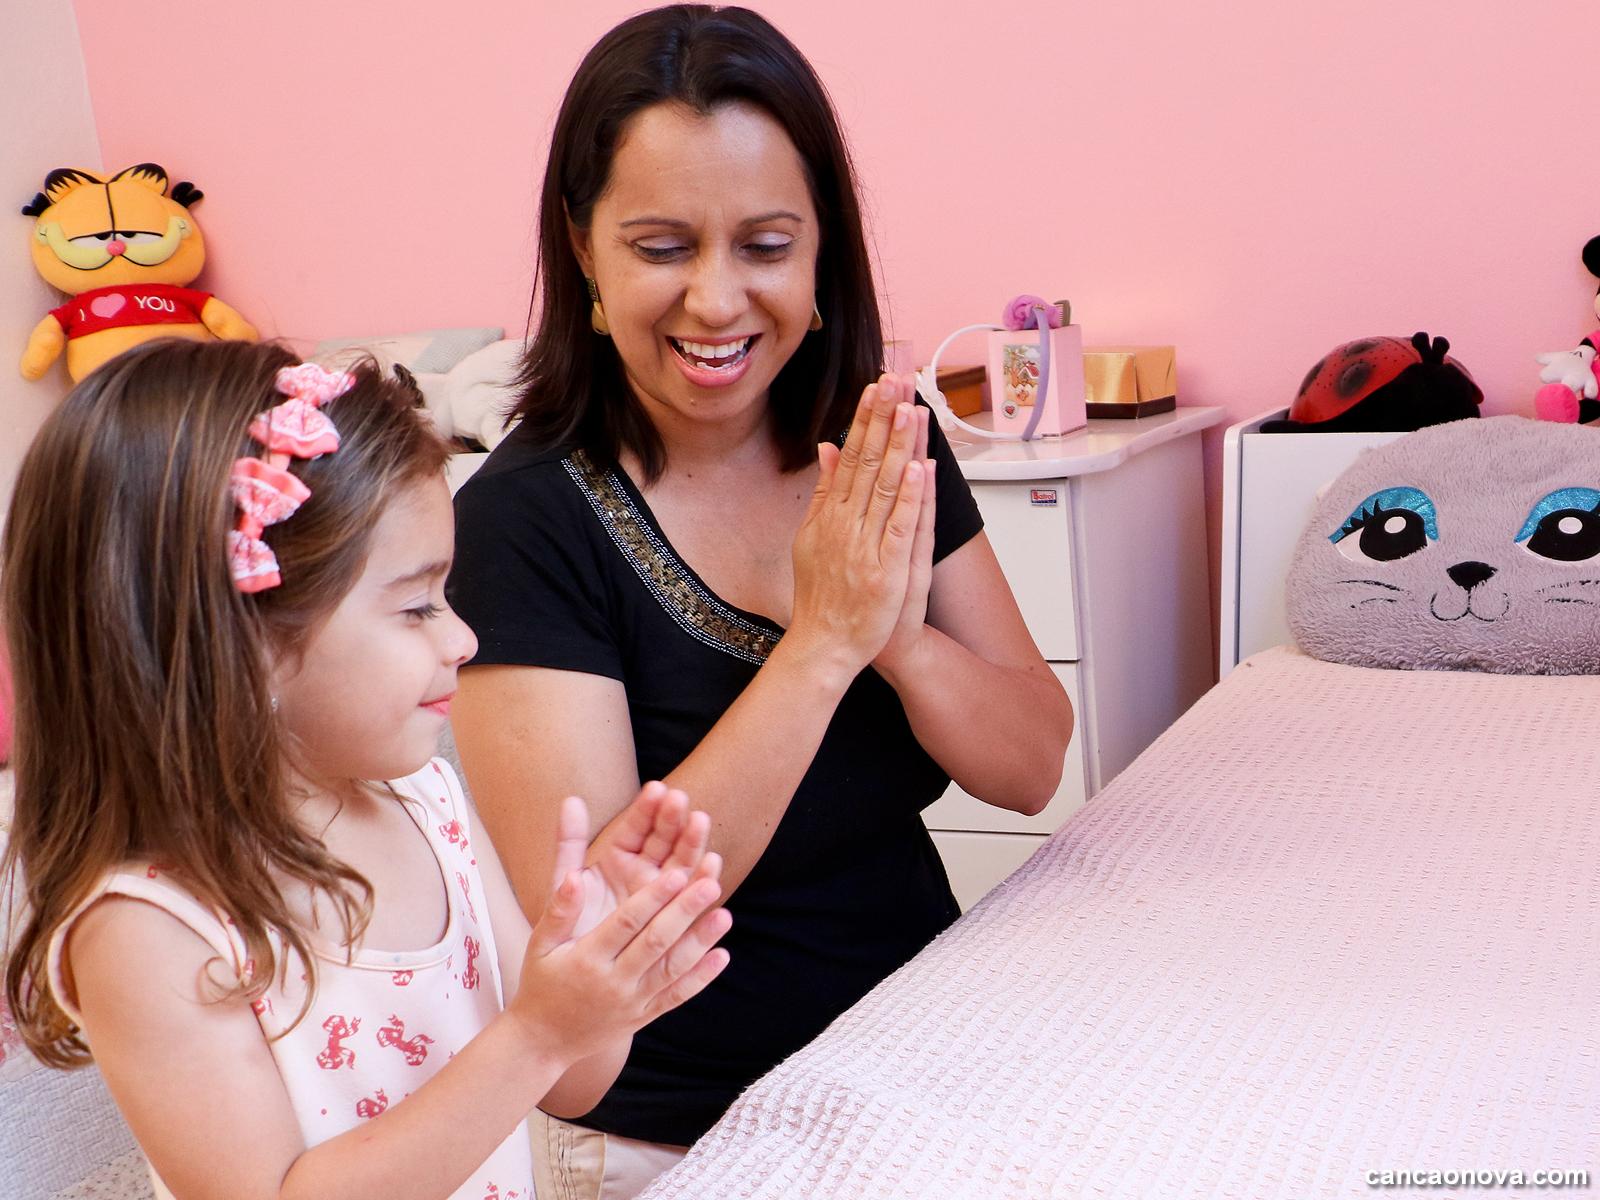 Milagres vividos na maternidade de uma UTI Neonatal (2)